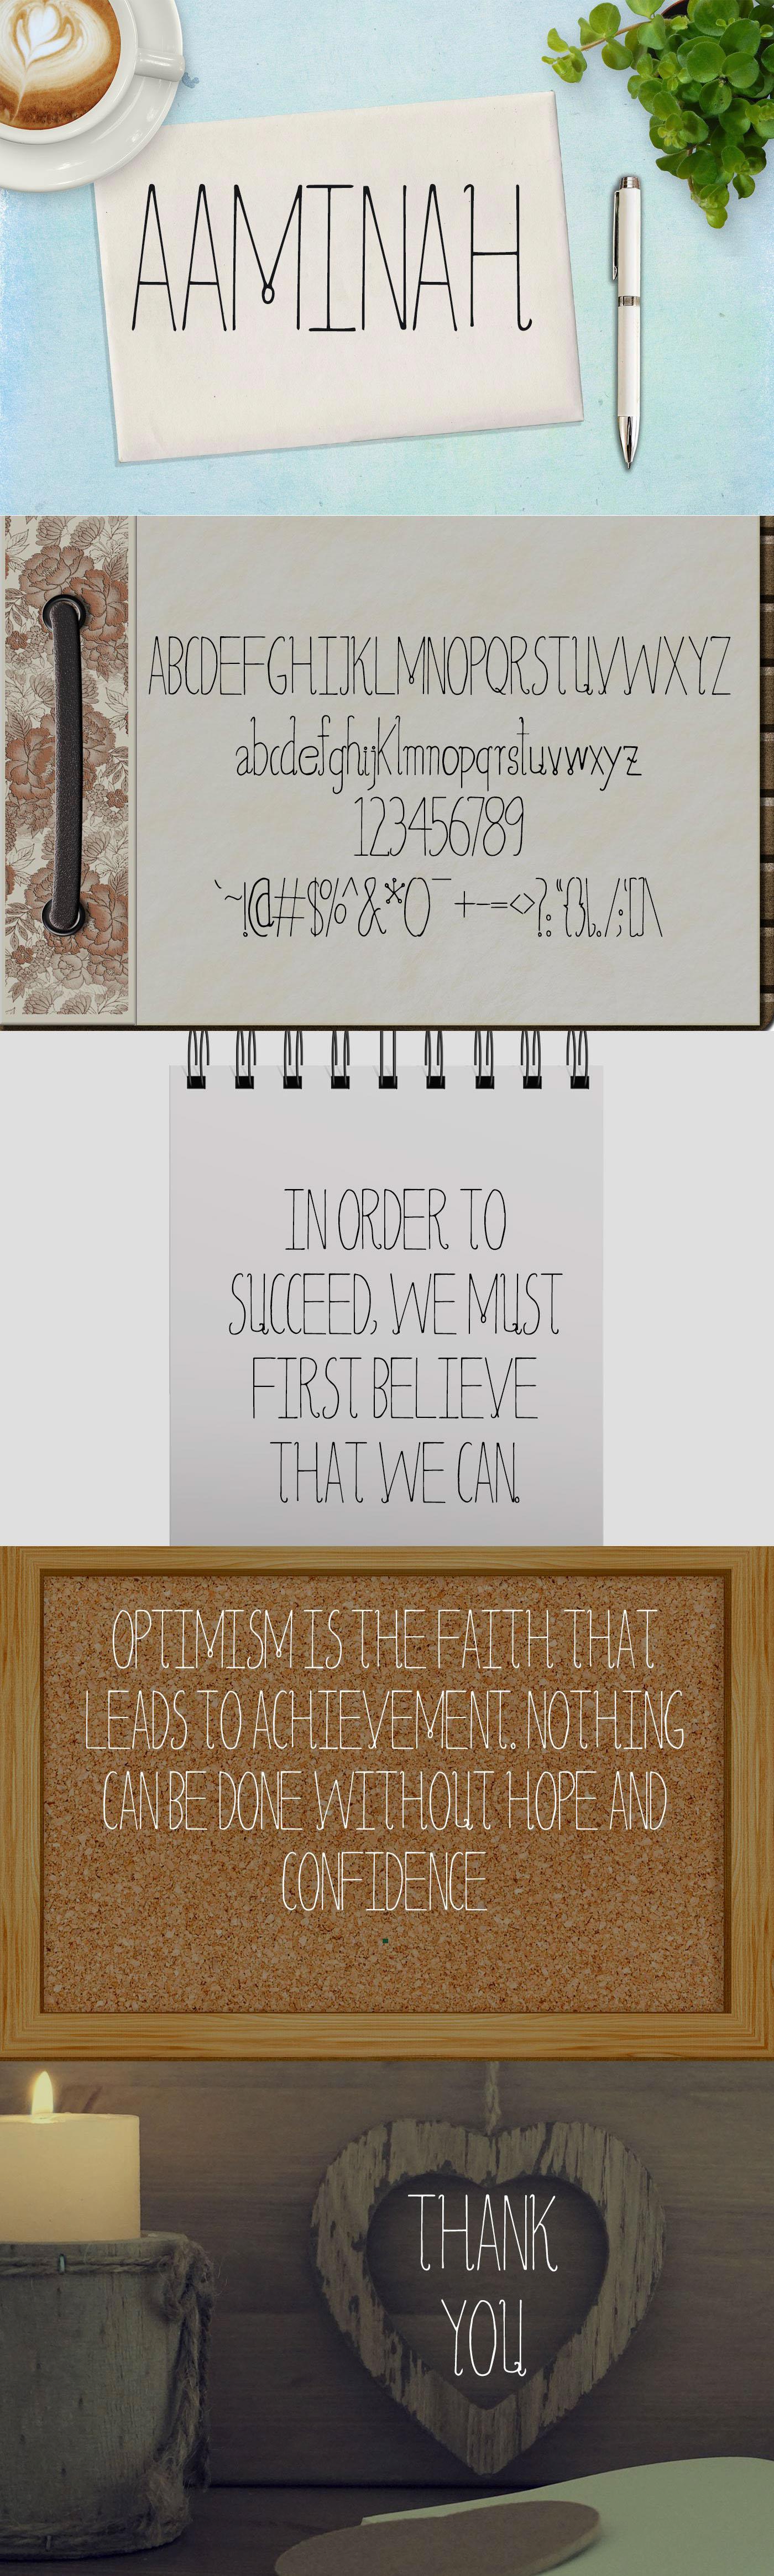 wedding font business font clean font delicate font font-family light font professional font sans-serif sans-serif font